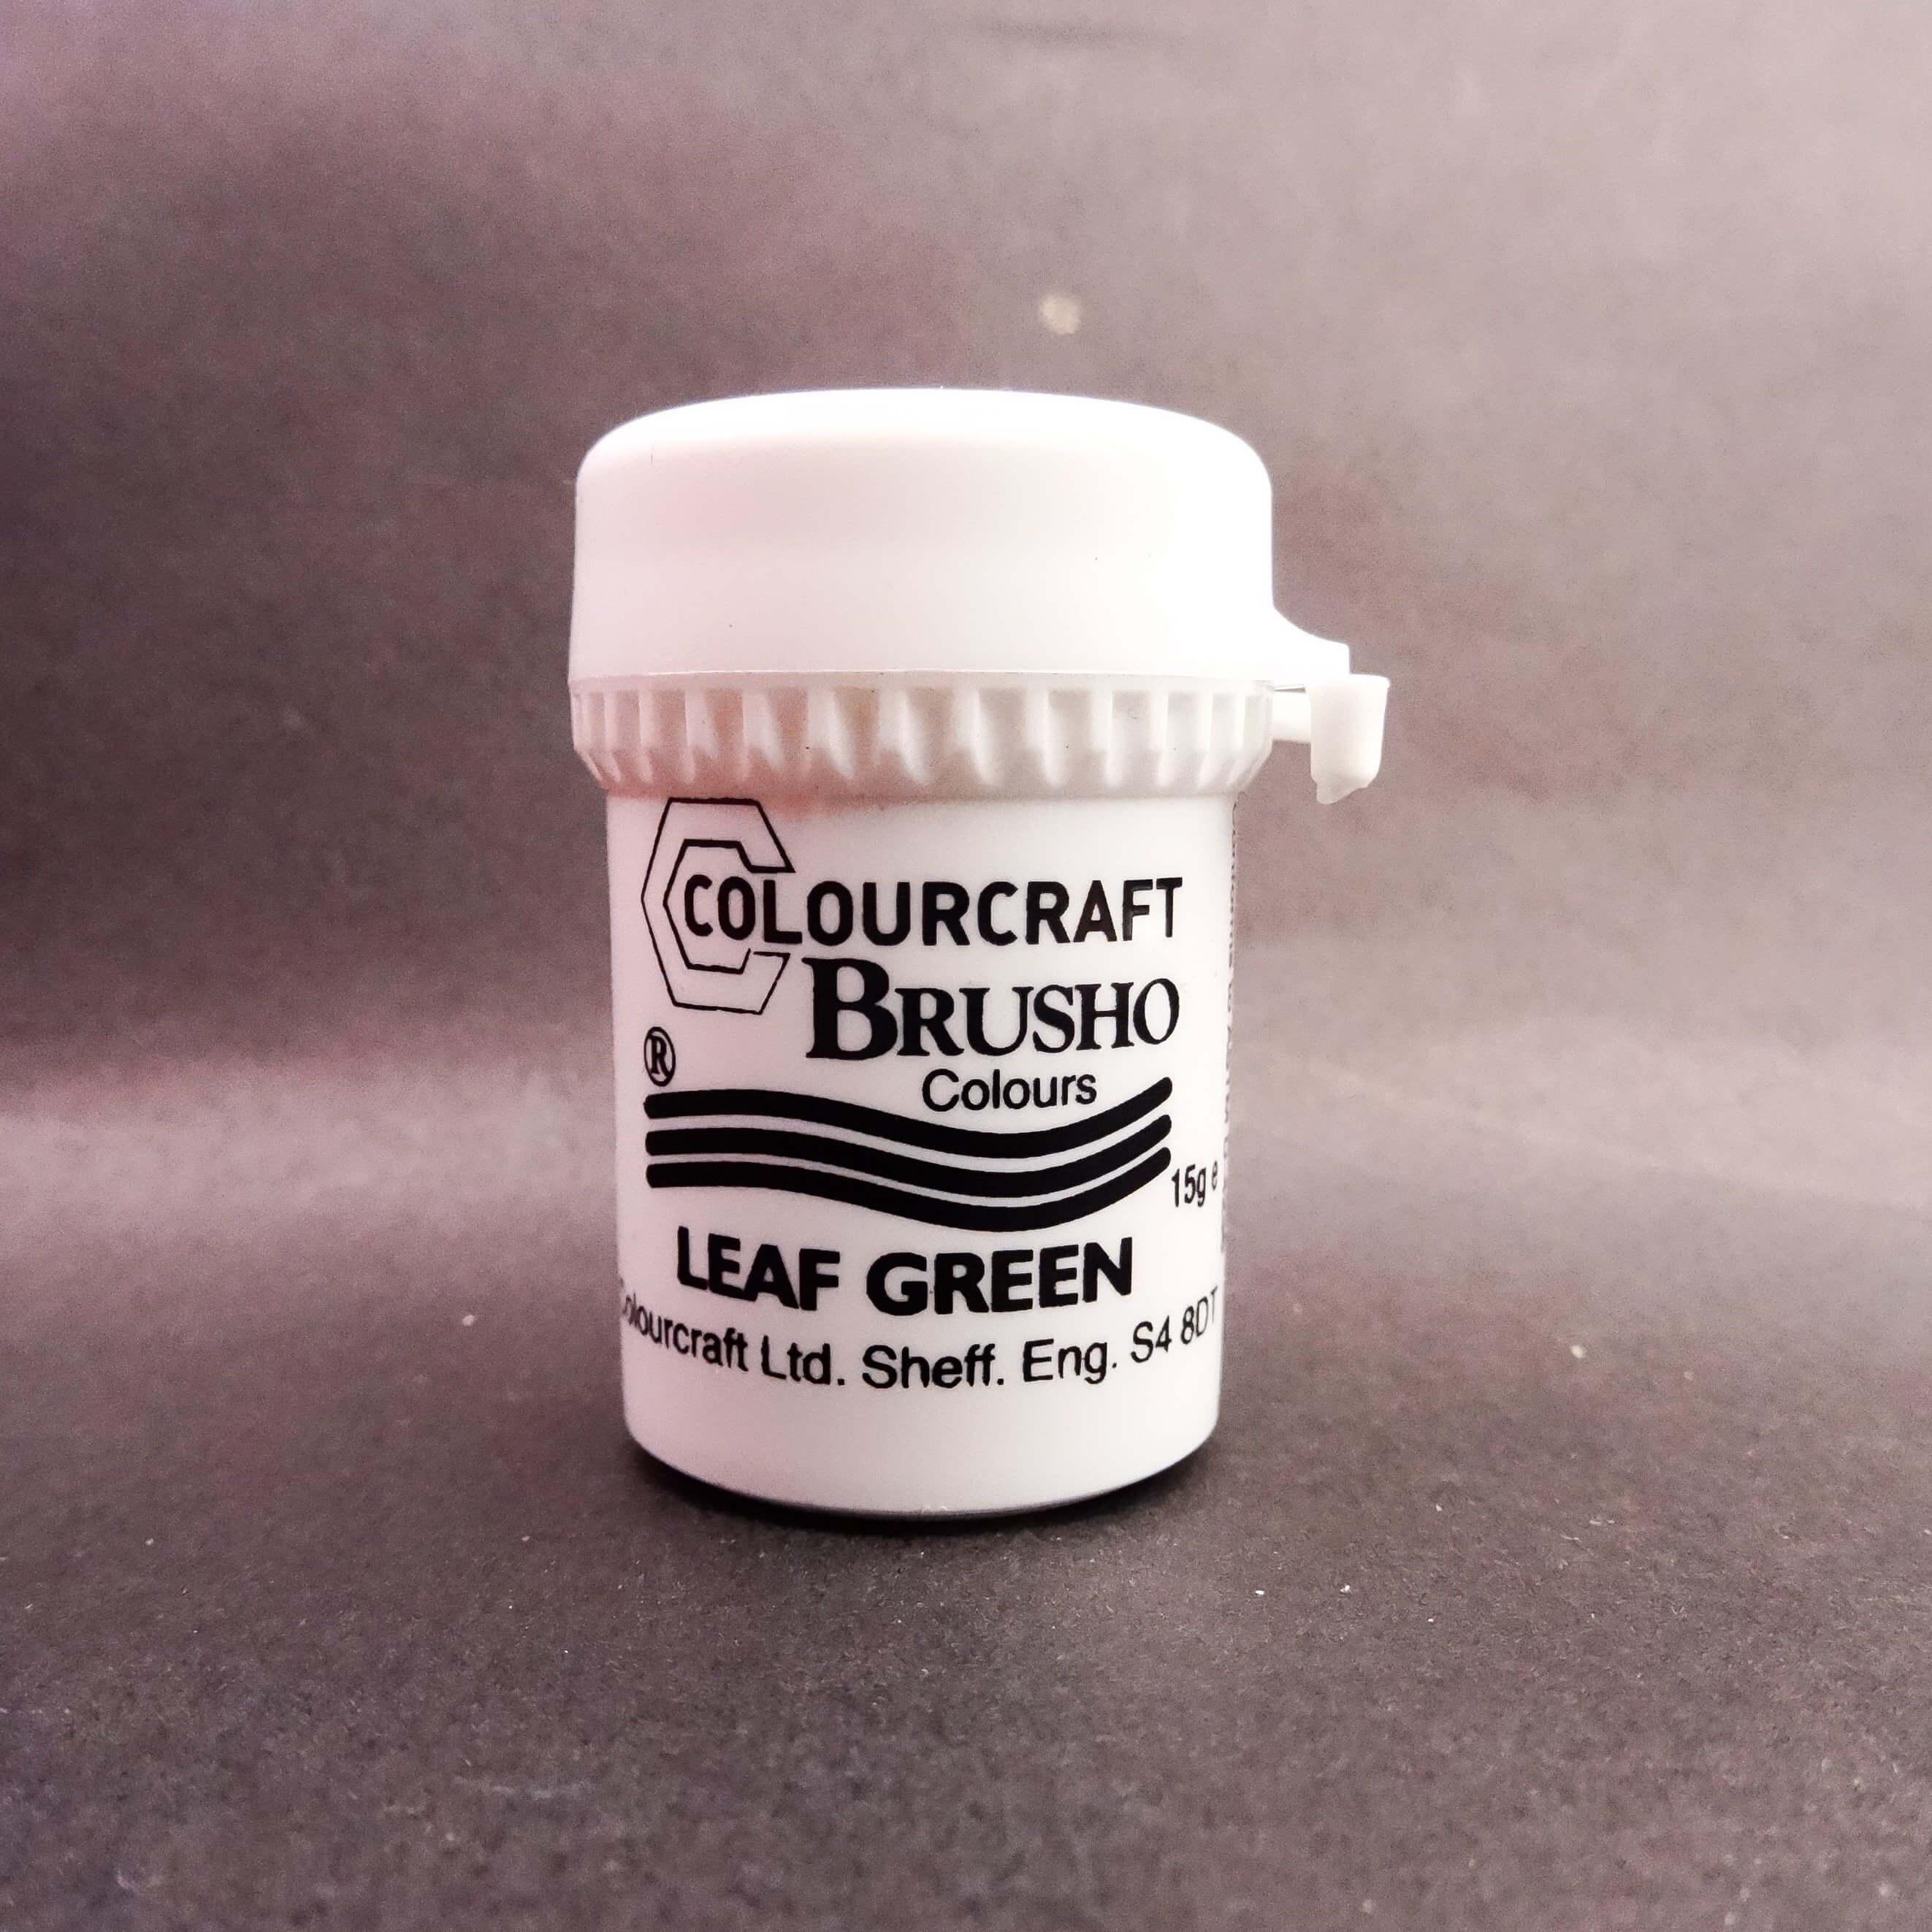 Brusho Leafgreen 15 ml